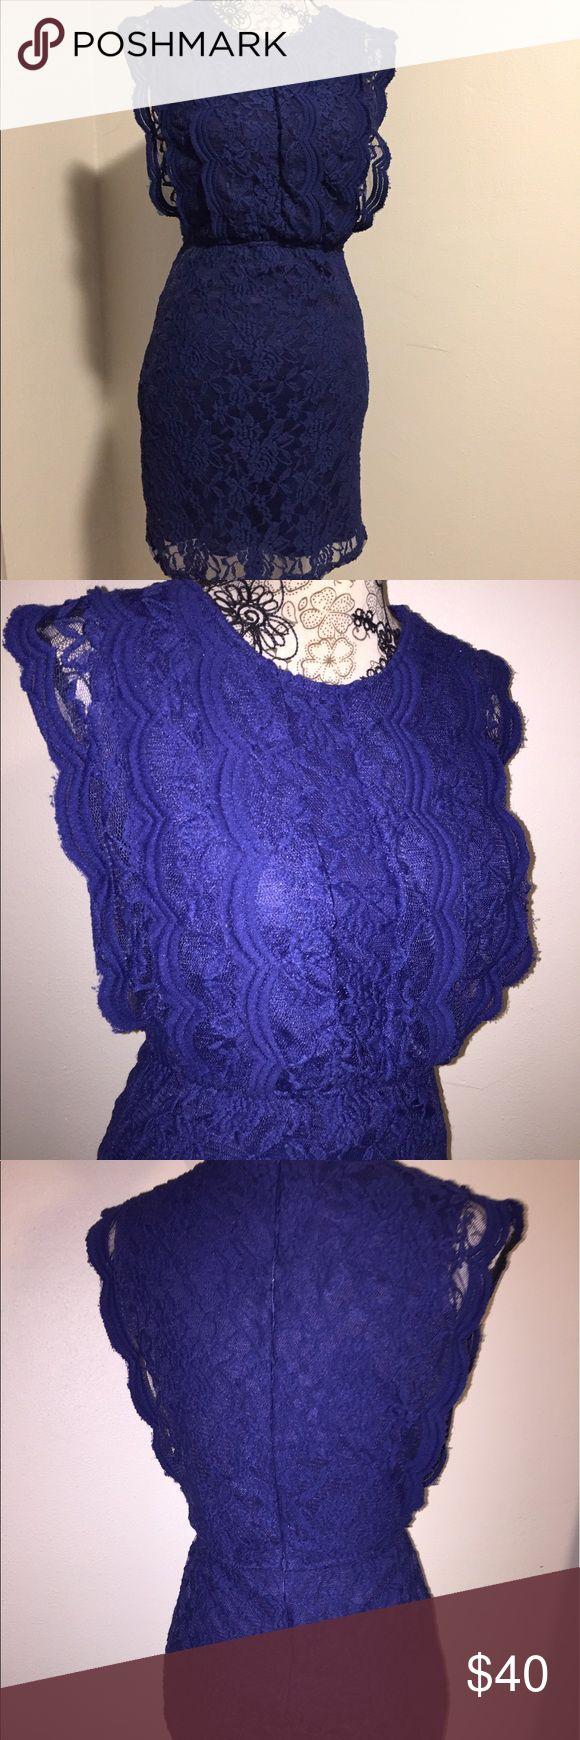 Bar 3 lace dress repair